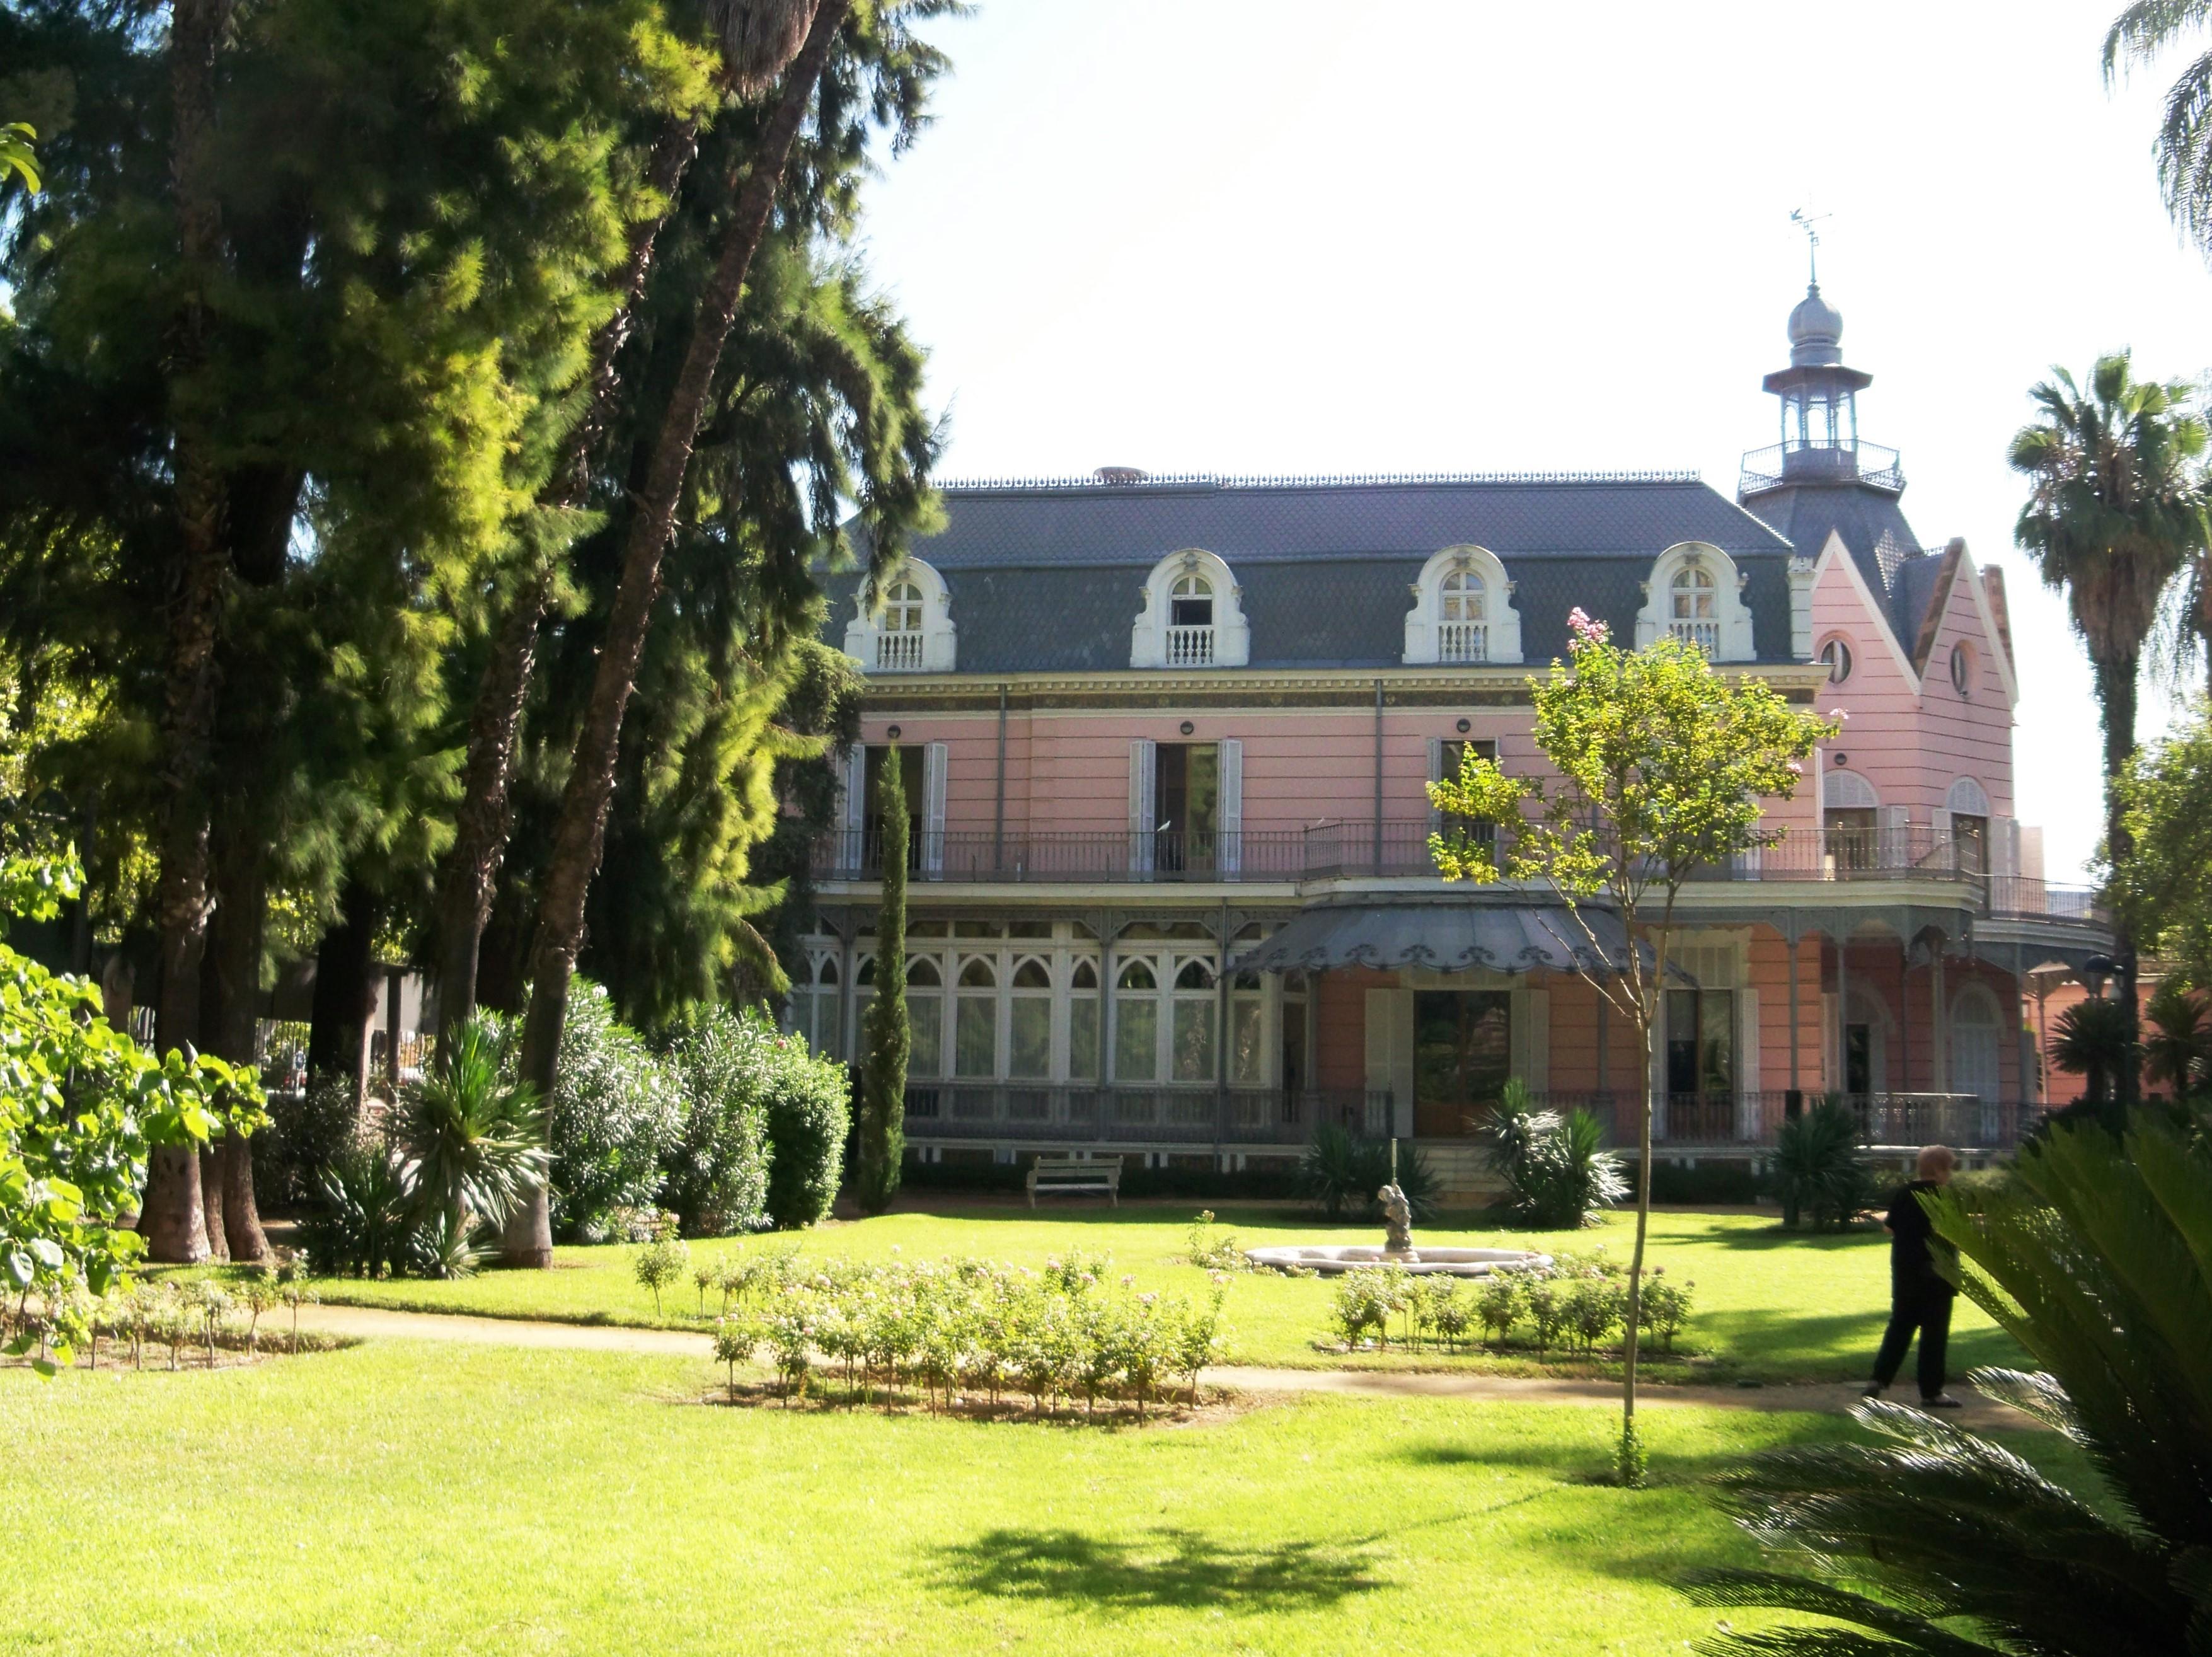 Jard n de la casa rosa asociaci n amigos de los jardines de la oliva - Jardines de sevilla ...